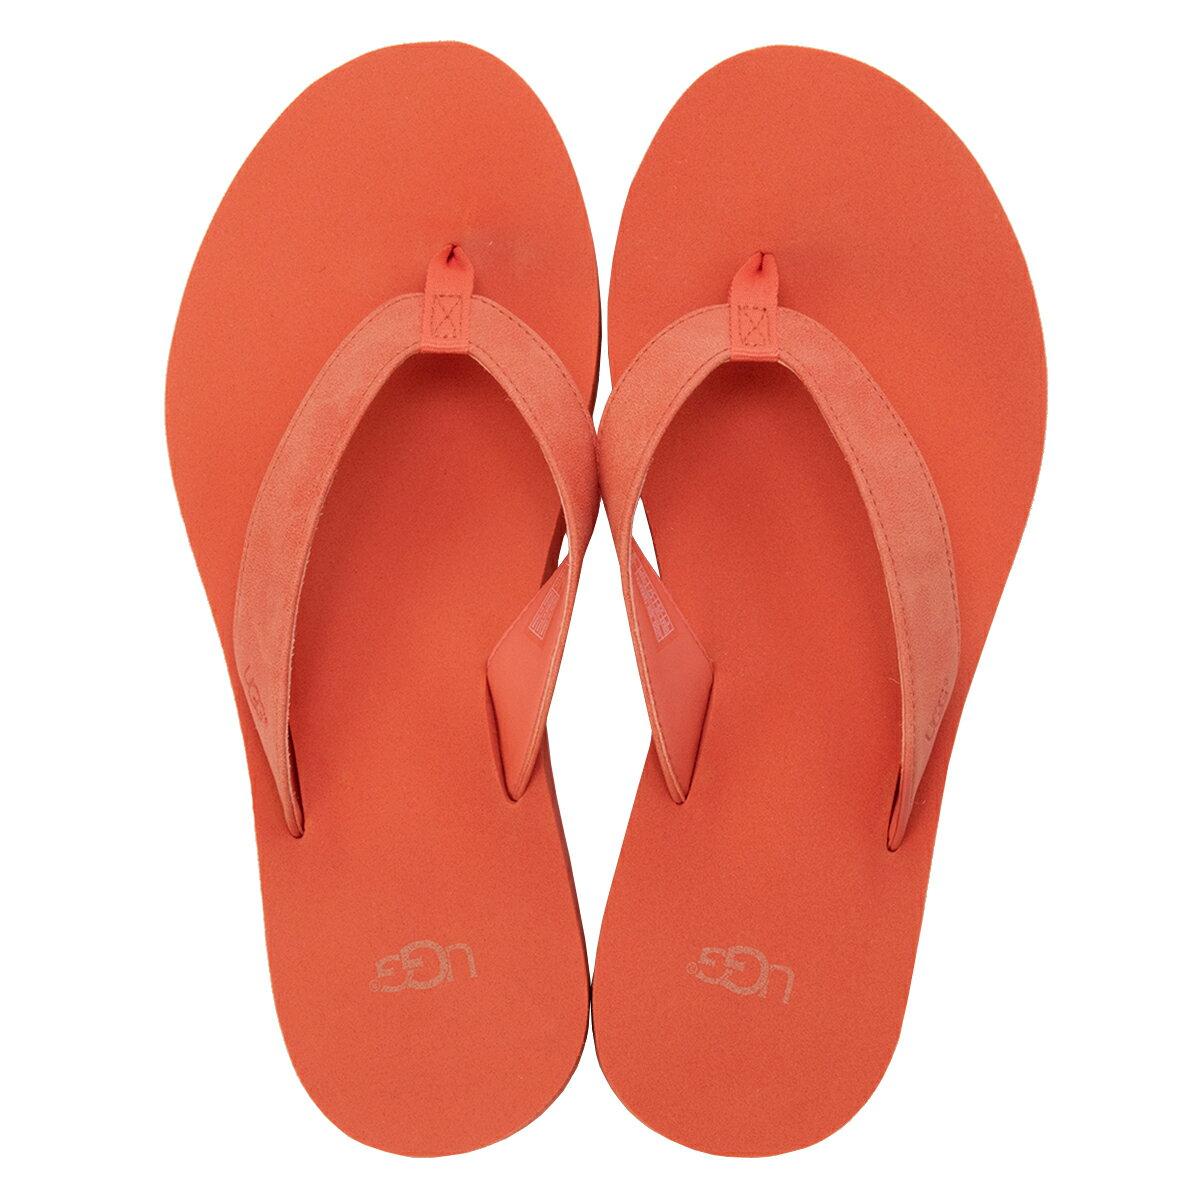 【即納】アグ UGG レディース シューズ・靴 ビーチサンダル【flip flop】FUSION CORAL